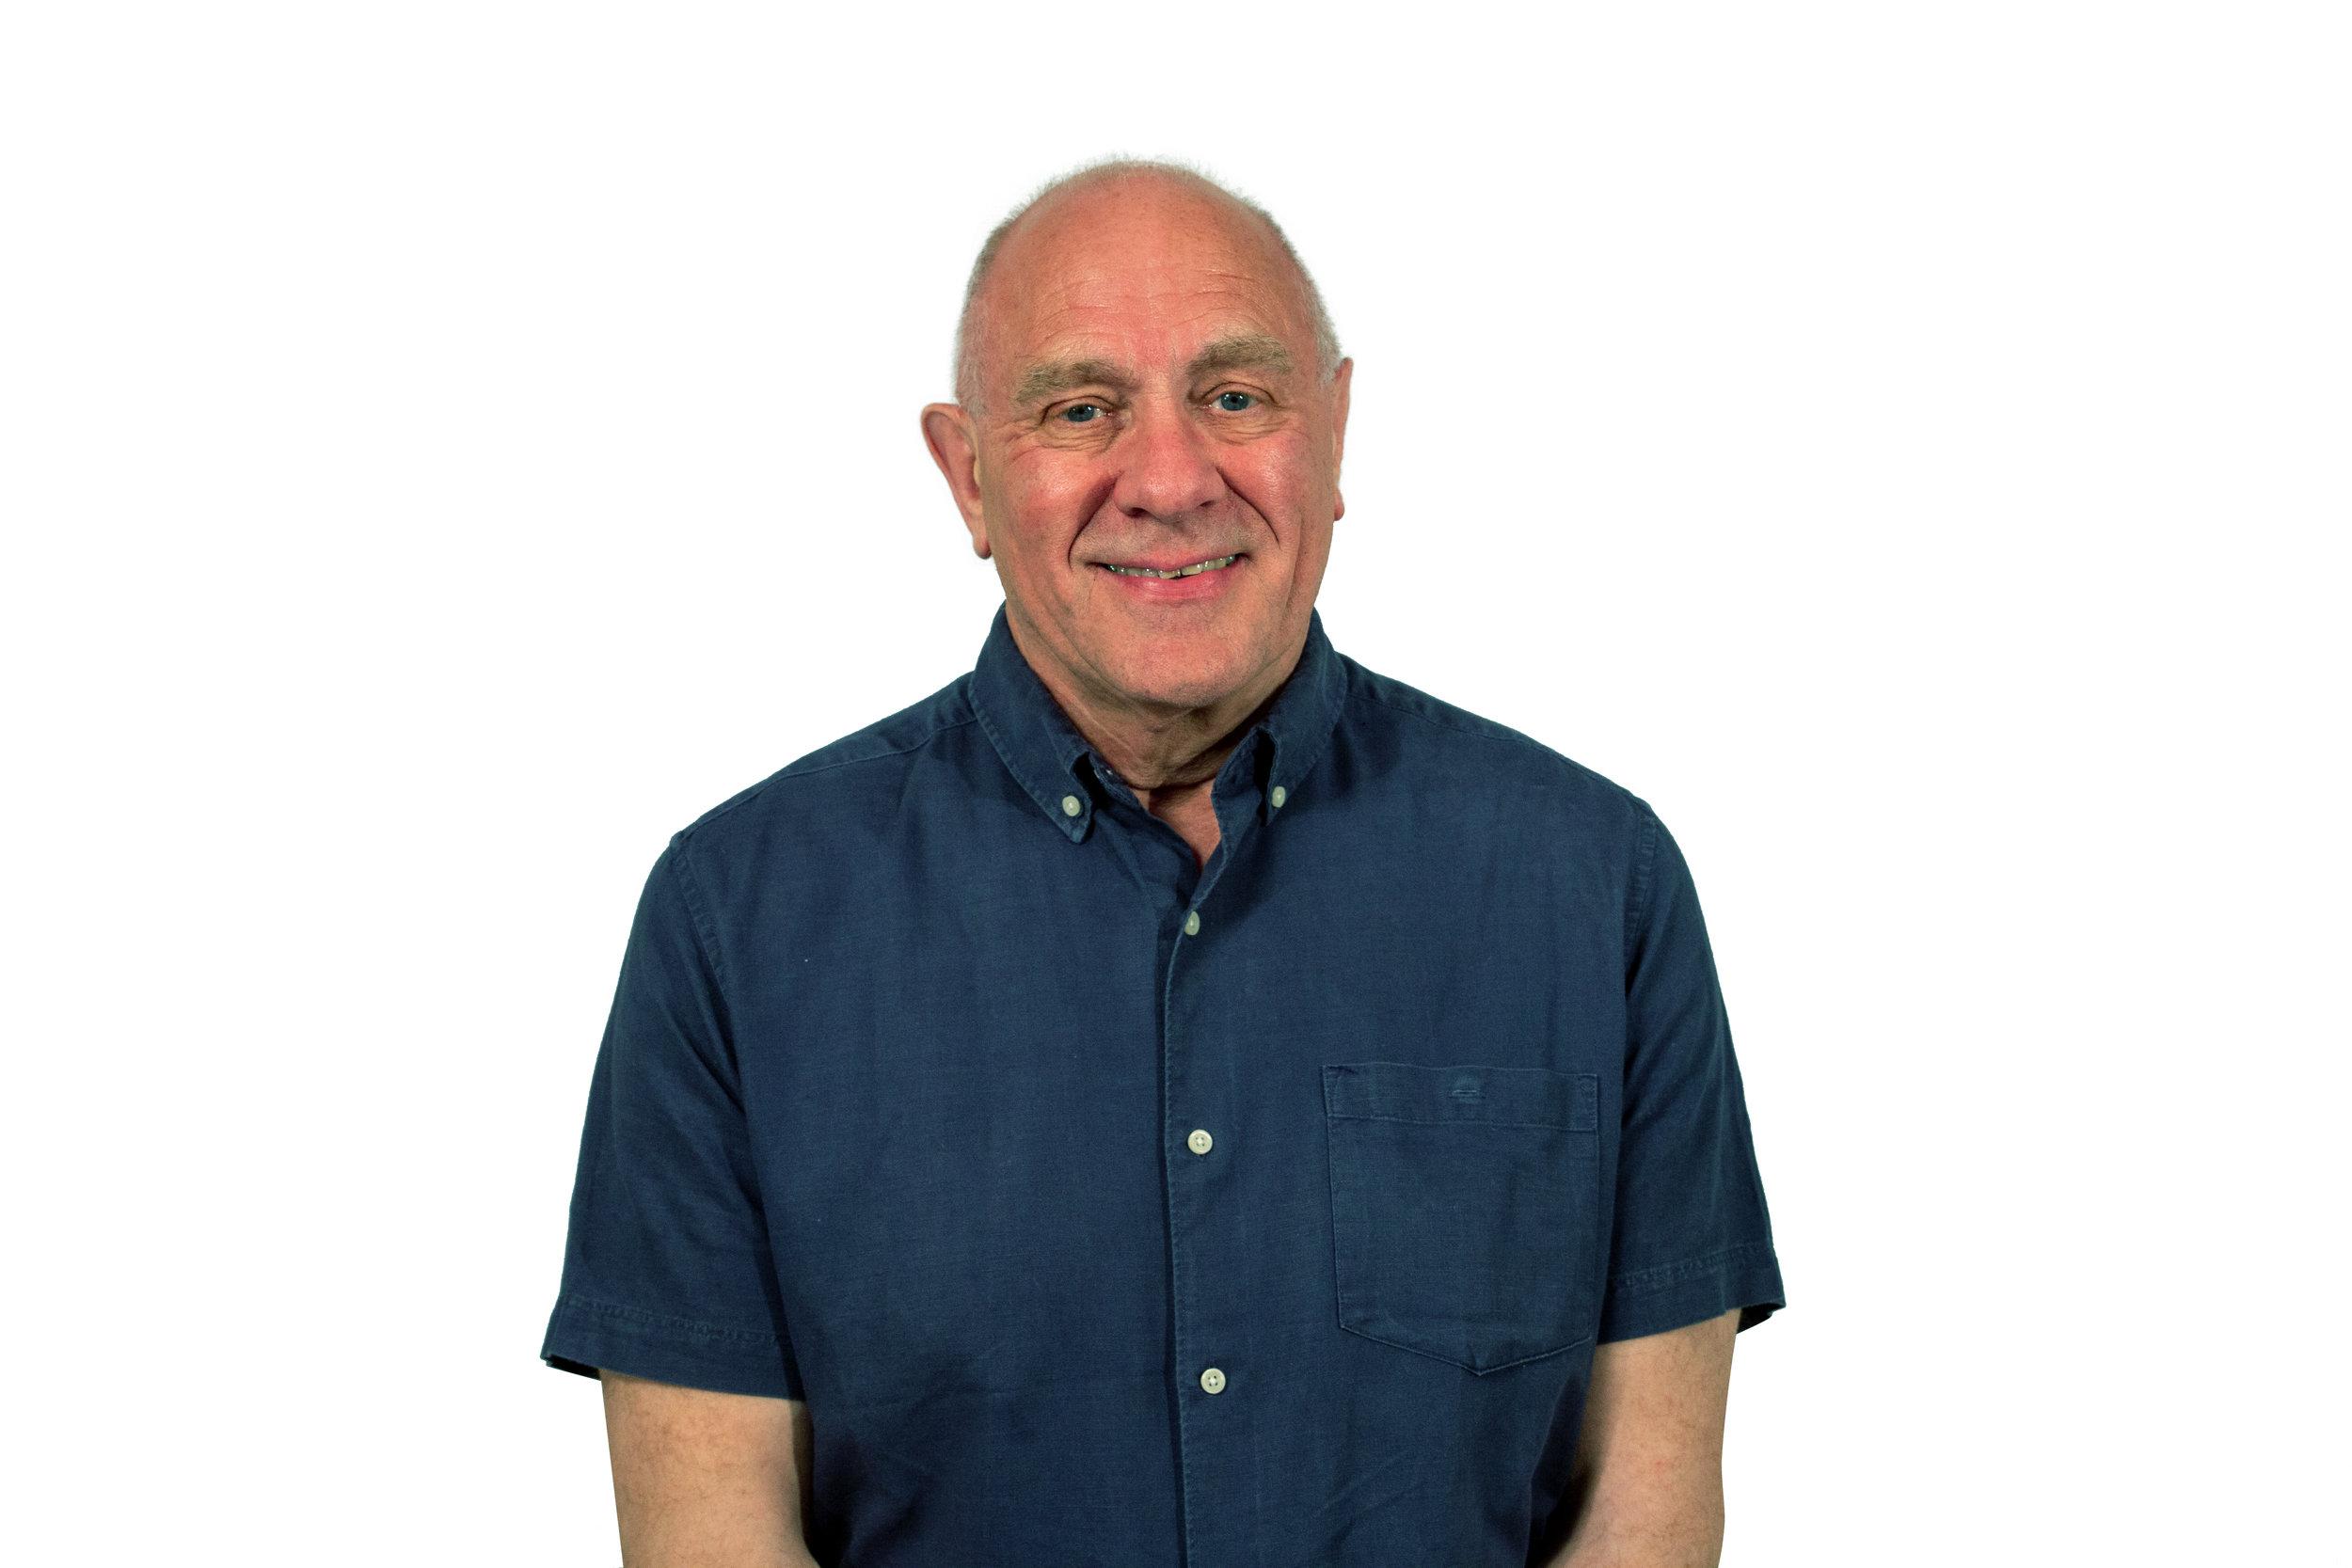 Dr. Tony Ryan